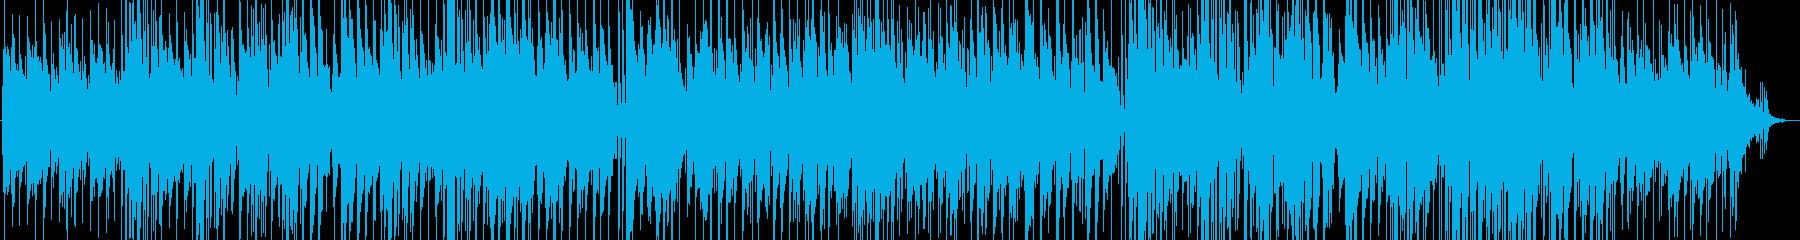 エレガット生録(Bossa Nova)の再生済みの波形